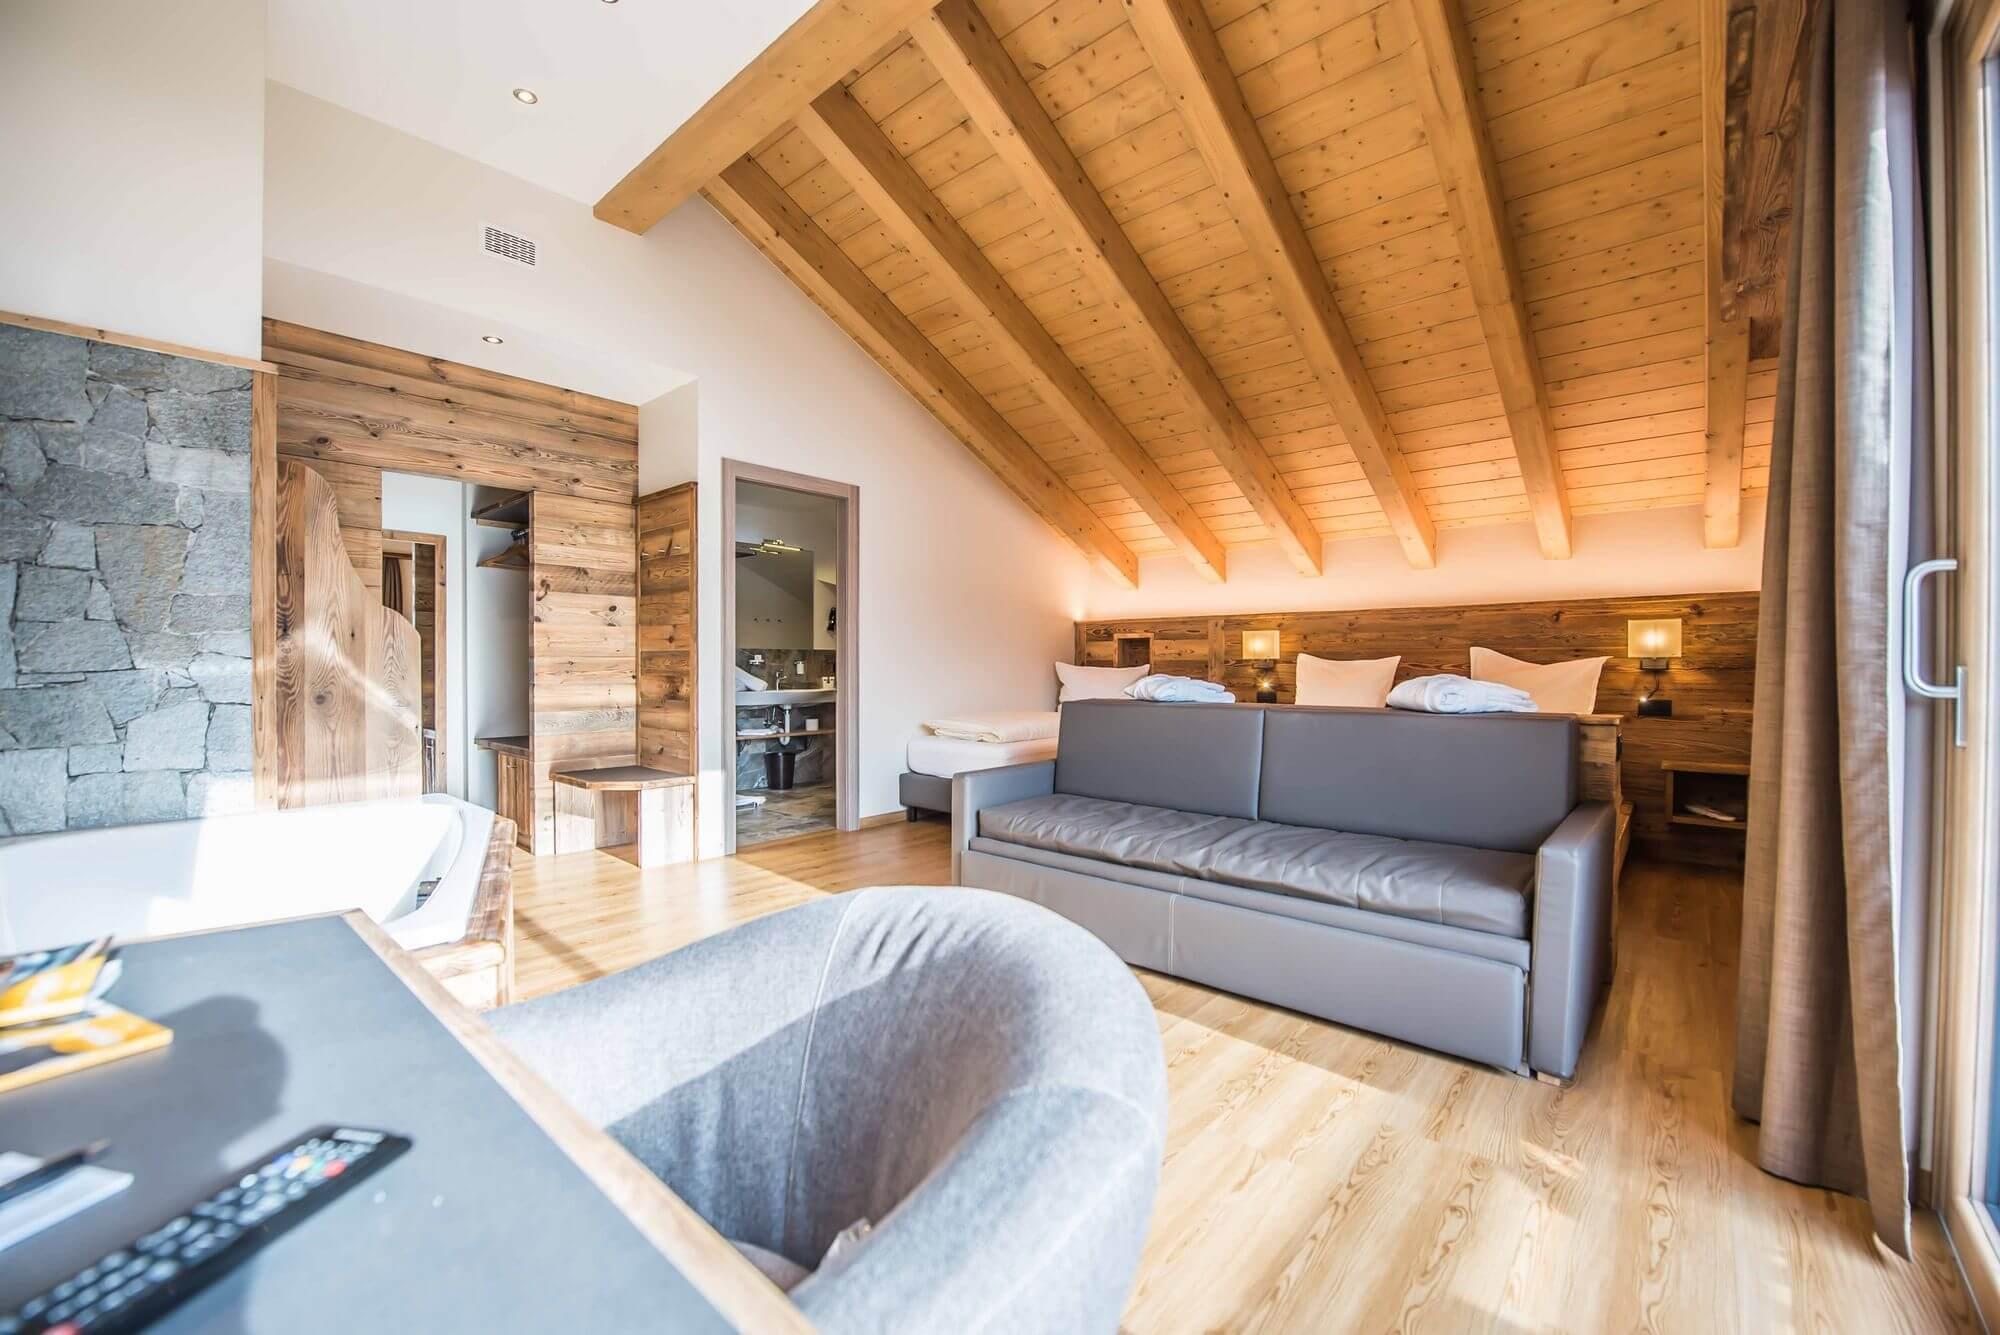 Suite con tetto in legno: Hotel Le Alpi a Livigno